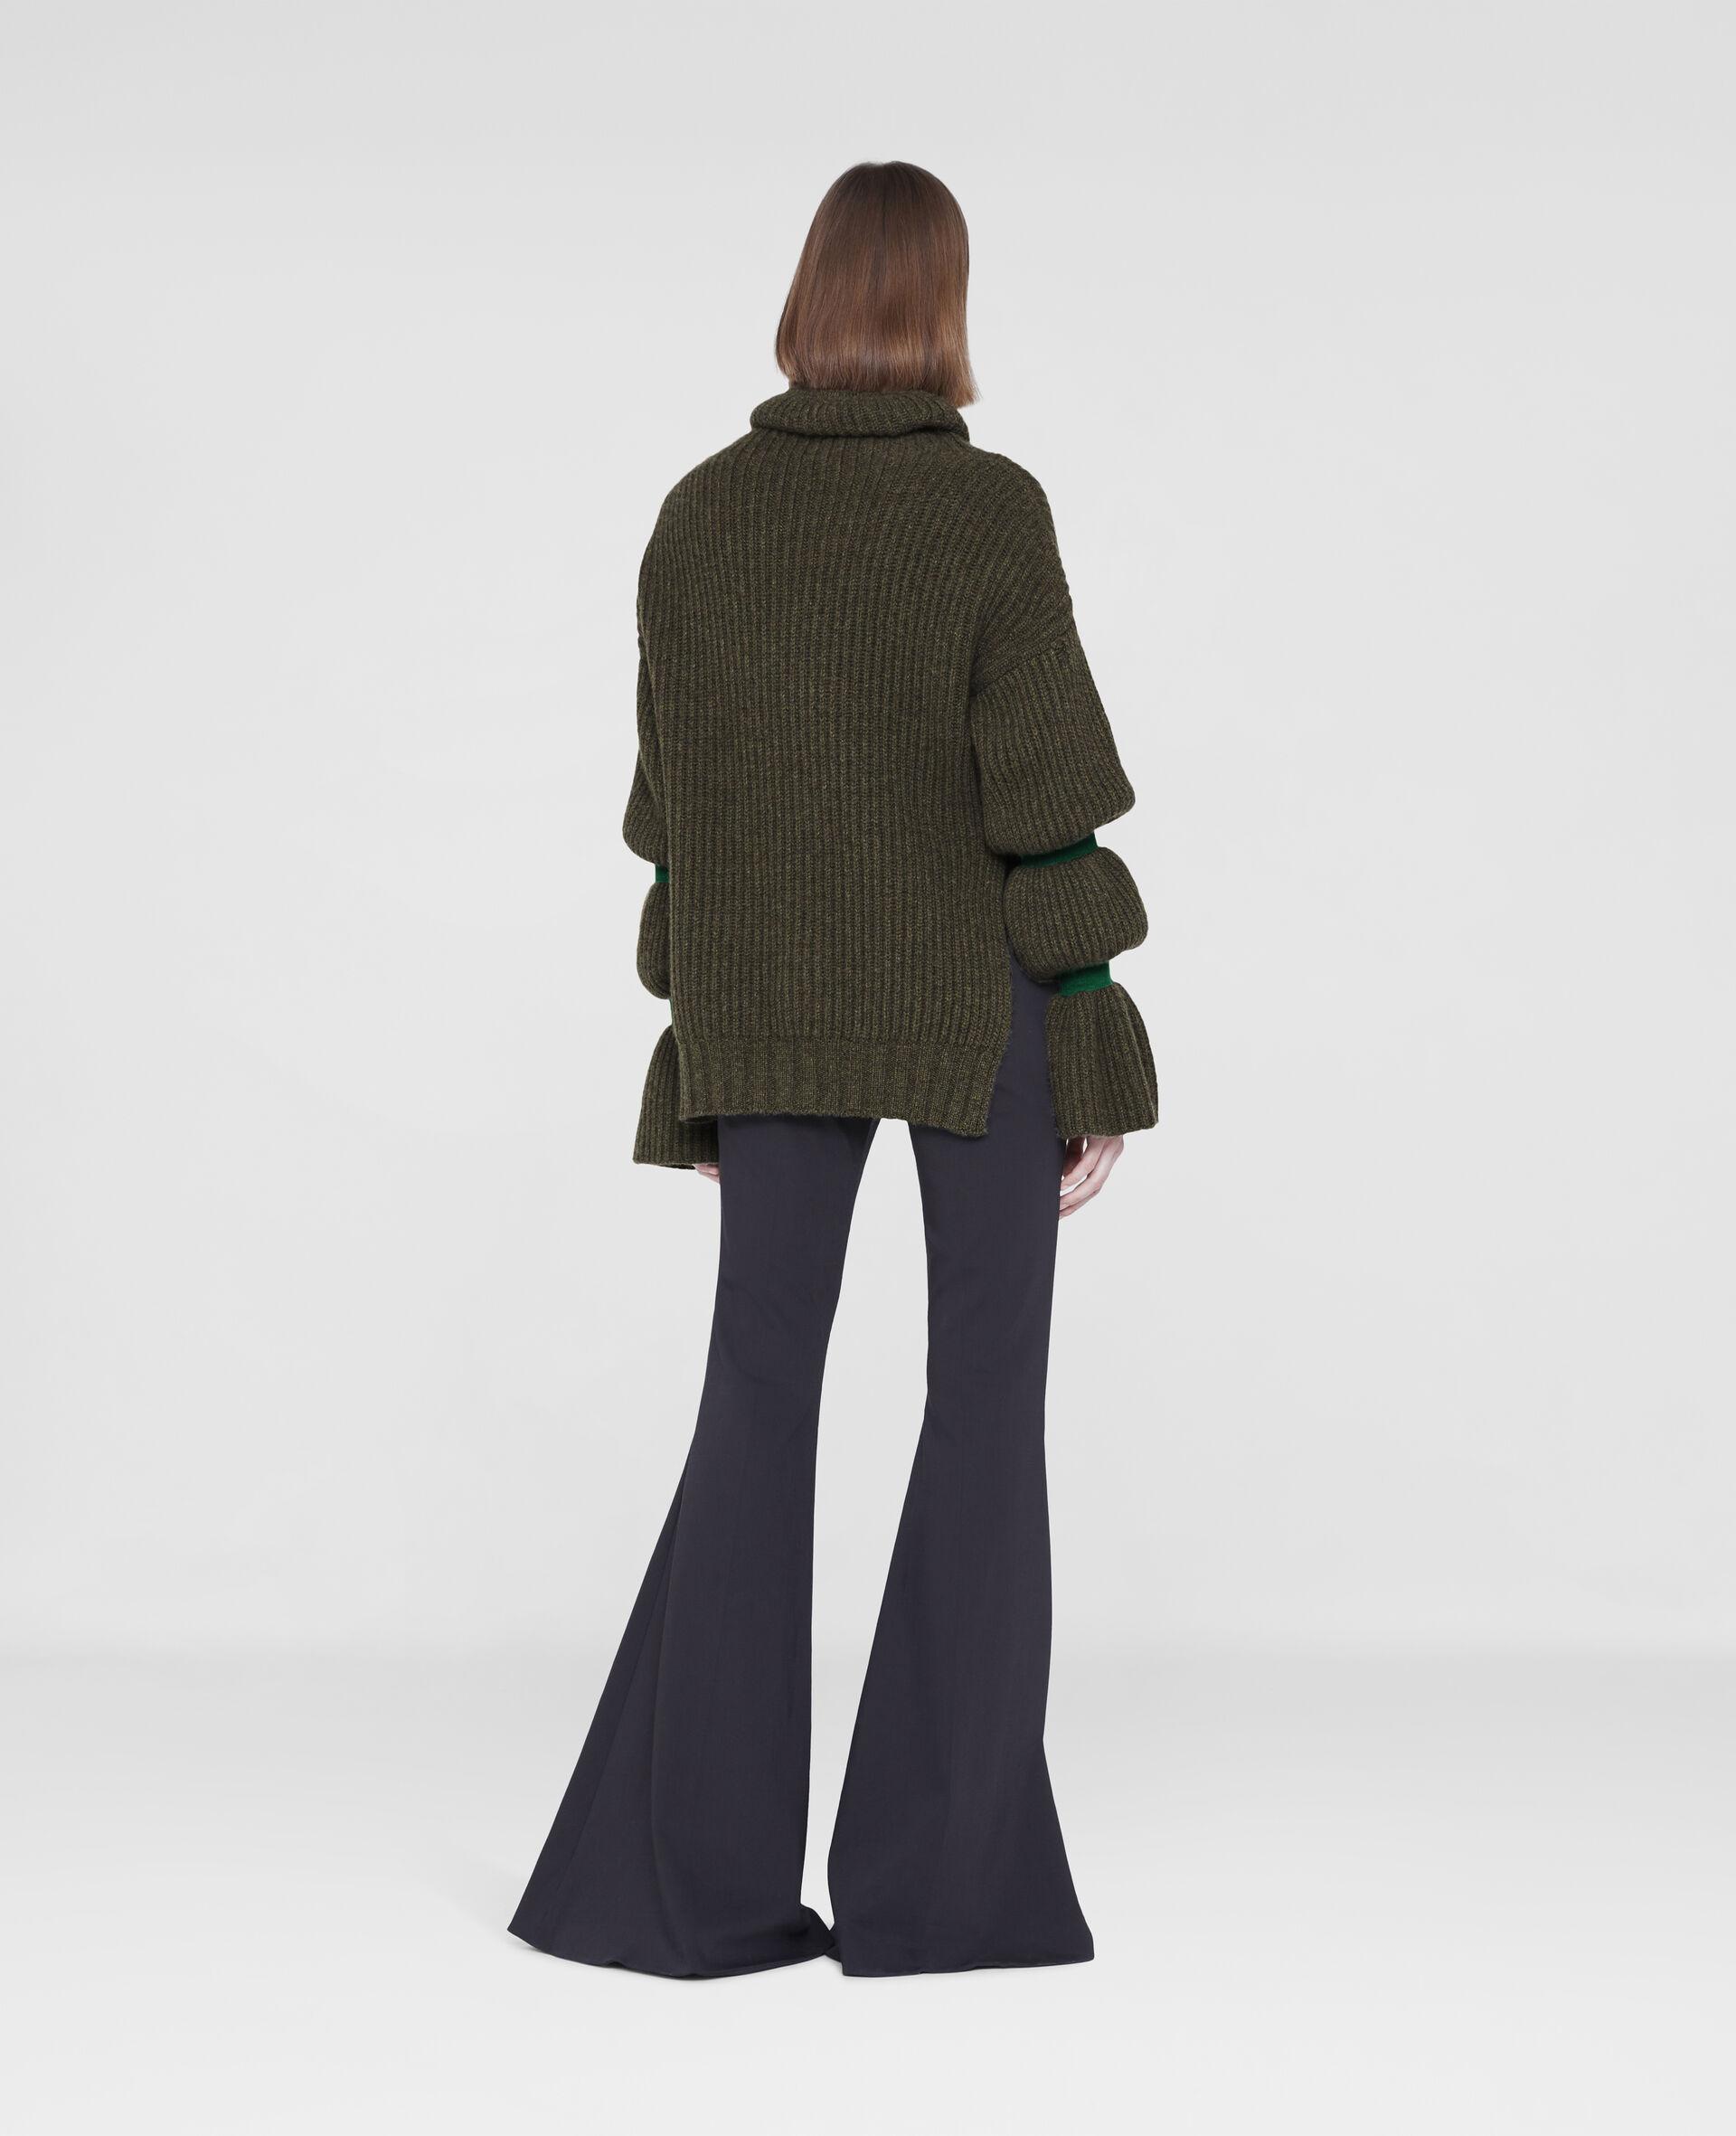 Weicher, voluminöser Pullover-Grün-large image number 2